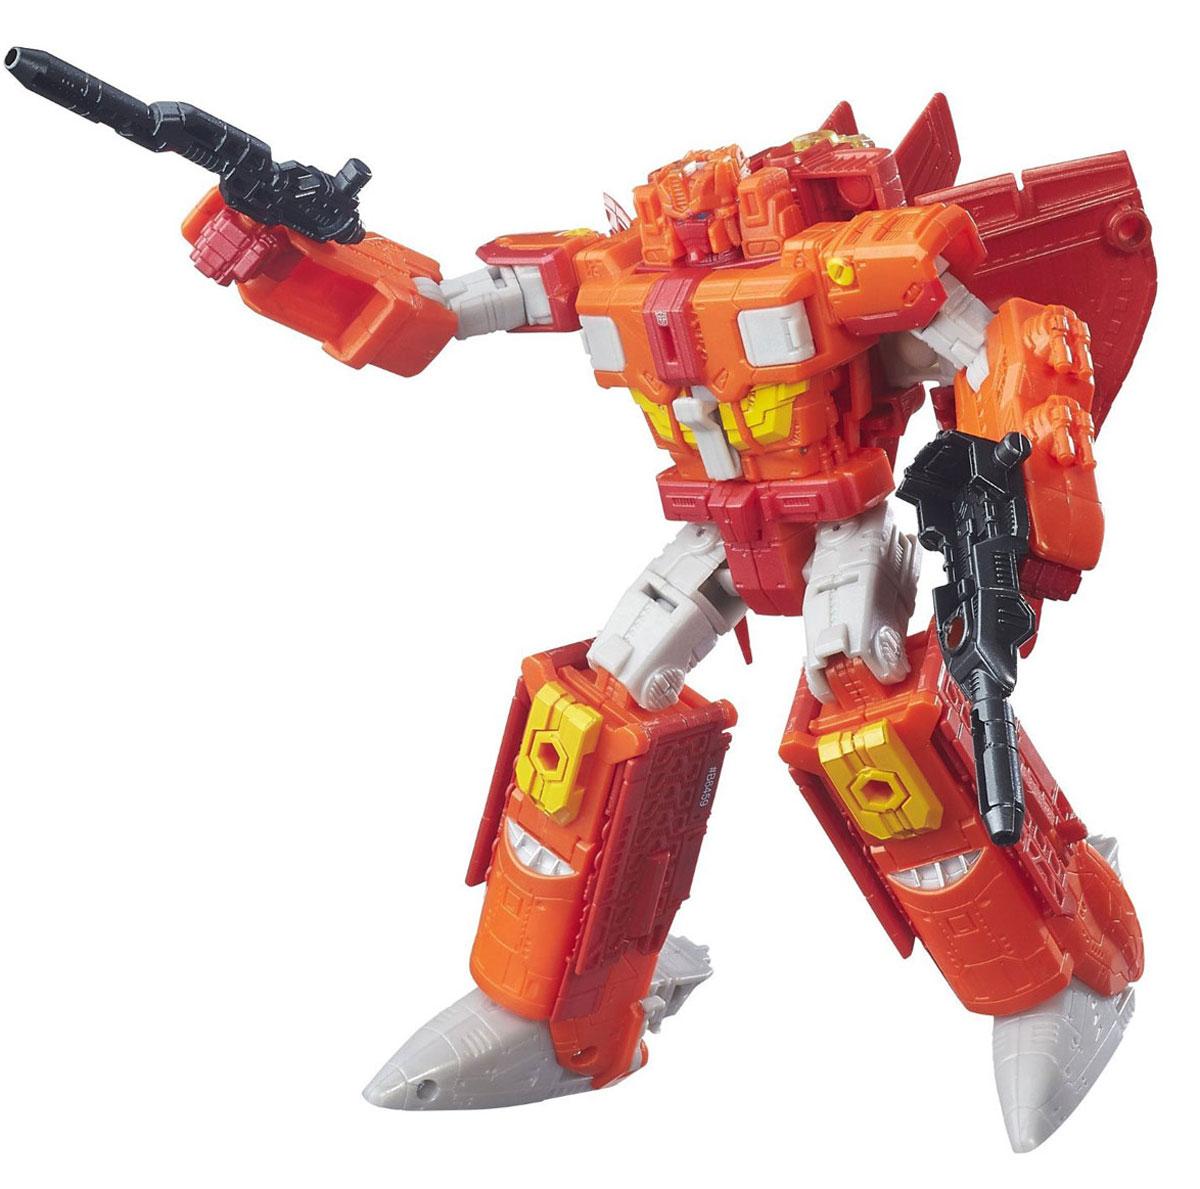 Transformers Трансформер Autobot Infinitus & Sentinel PrimeB7769EU4_ B6459Трансформер Transformers Autobot Infinitus & Sentinel Prime обязательно понравится всем маленьким поклонникам знаменитых Трансформеров! Фигурка выполнена из прочного пластика. В несколько простых шагов (11 шагов) малыш сможет трансформировать фигурку робота в космическую машину, а далее в режим поезда и обратно. Фигурка отличается высокой степенью детализации. Ребенок с удовольствием будет играть с трансформером, придумывая различные истории. Порадуйте его таким замечательным подарком! В комплект также входят оружие трансформера и карта персонажа с техническими характеристиками.